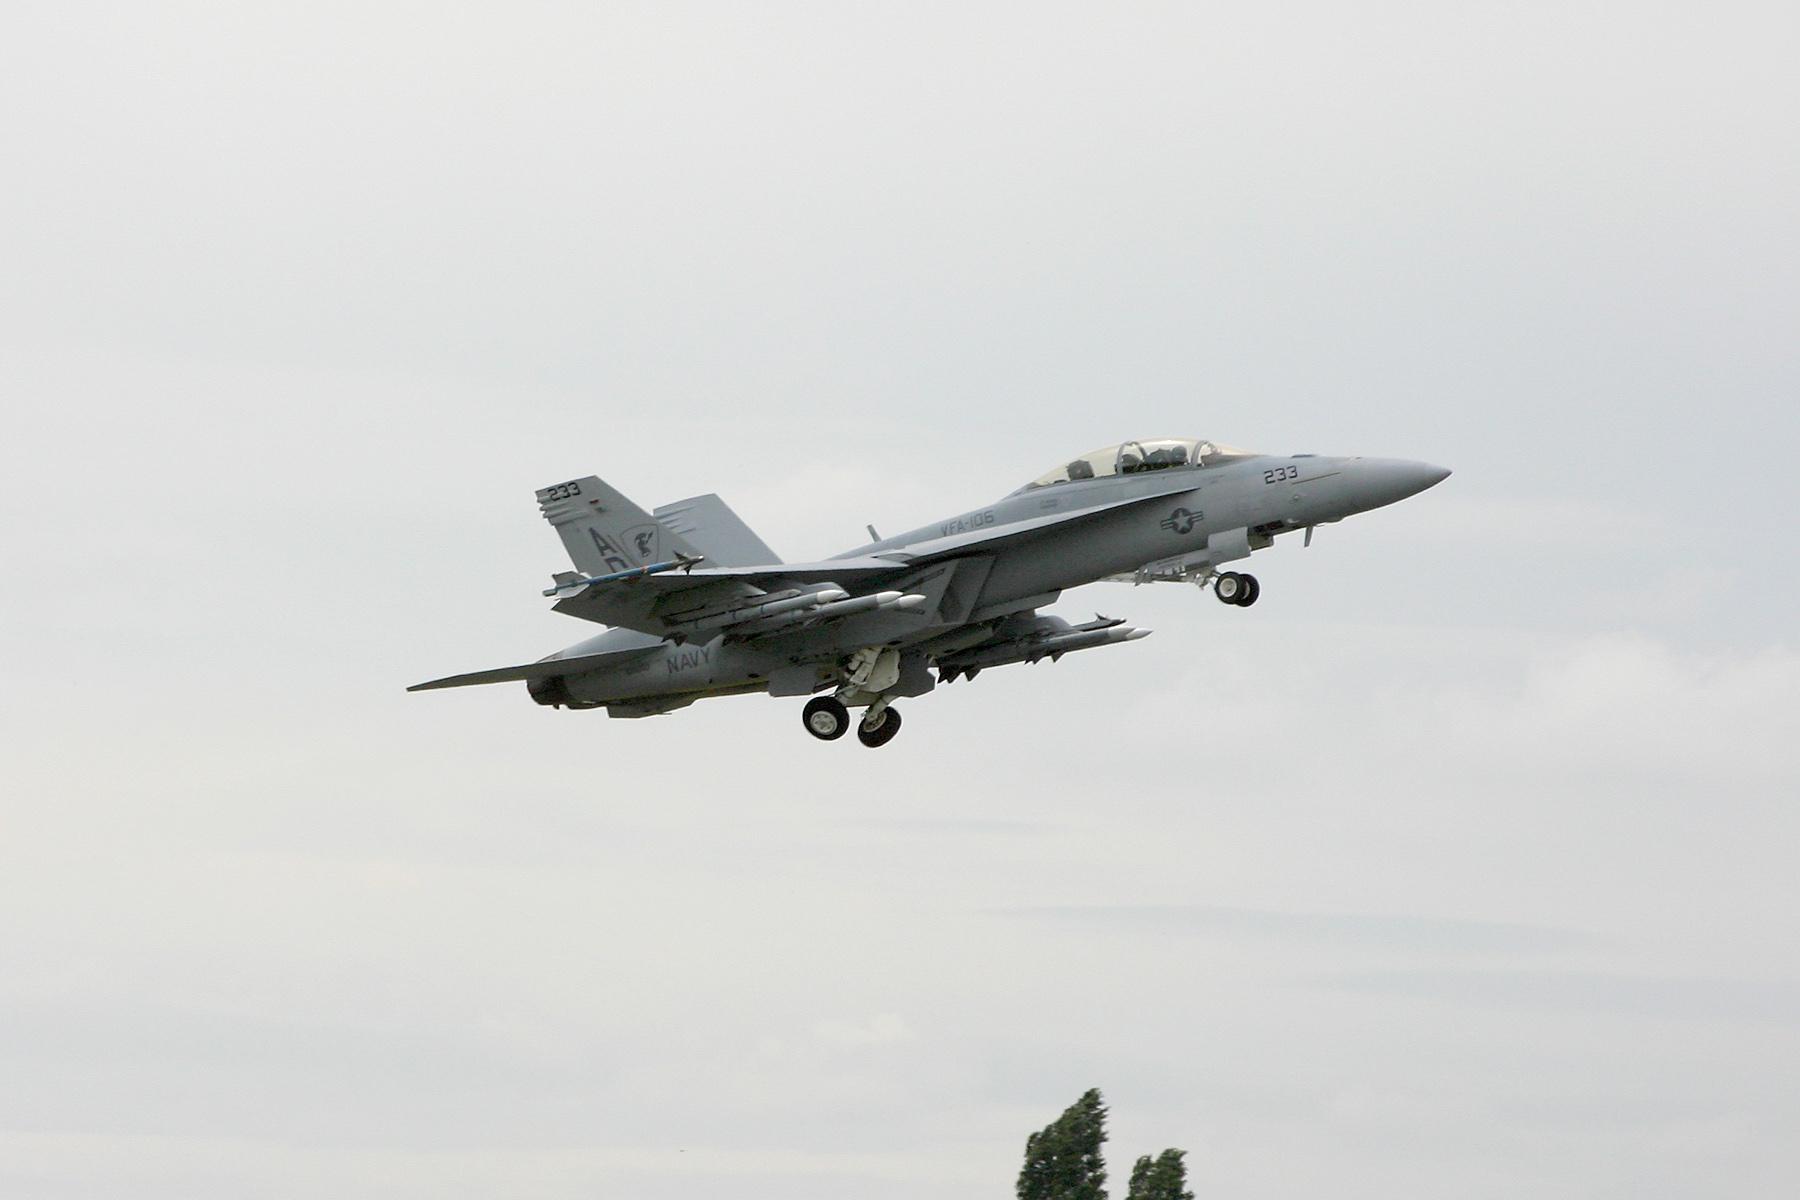 Décollage d'un F/A-18 Super Hornet